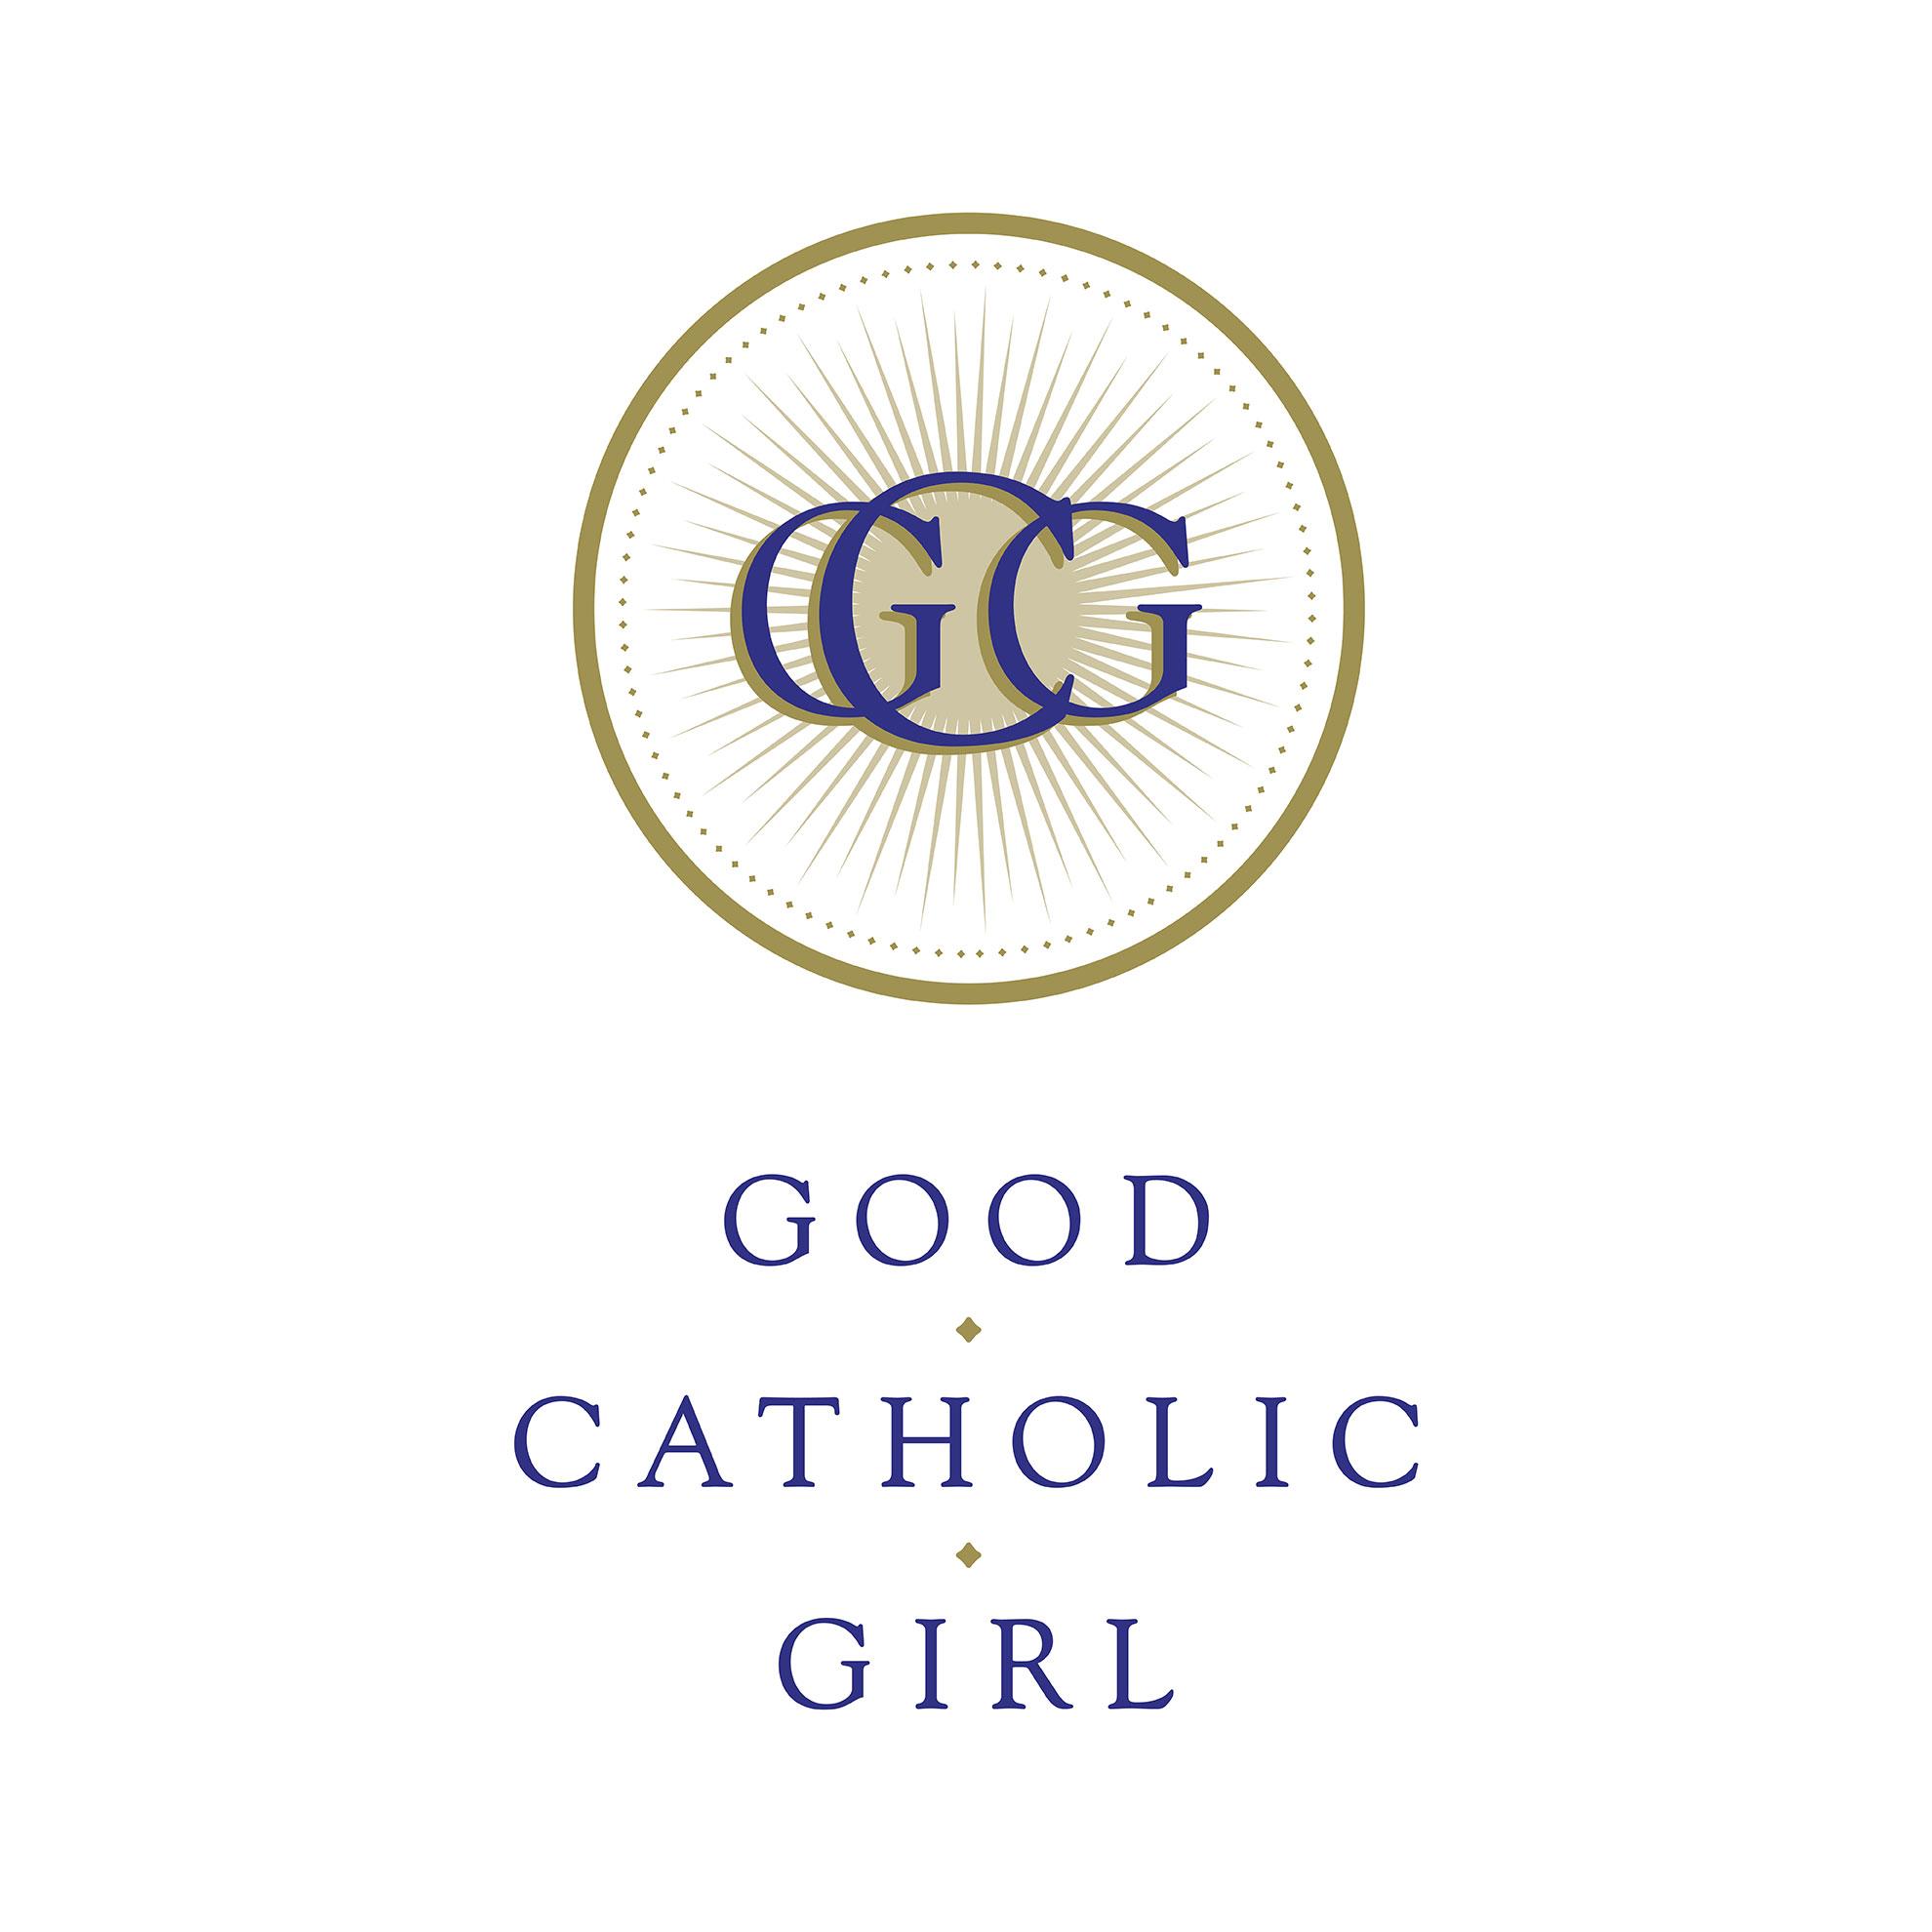 Good Catholic Girl logo